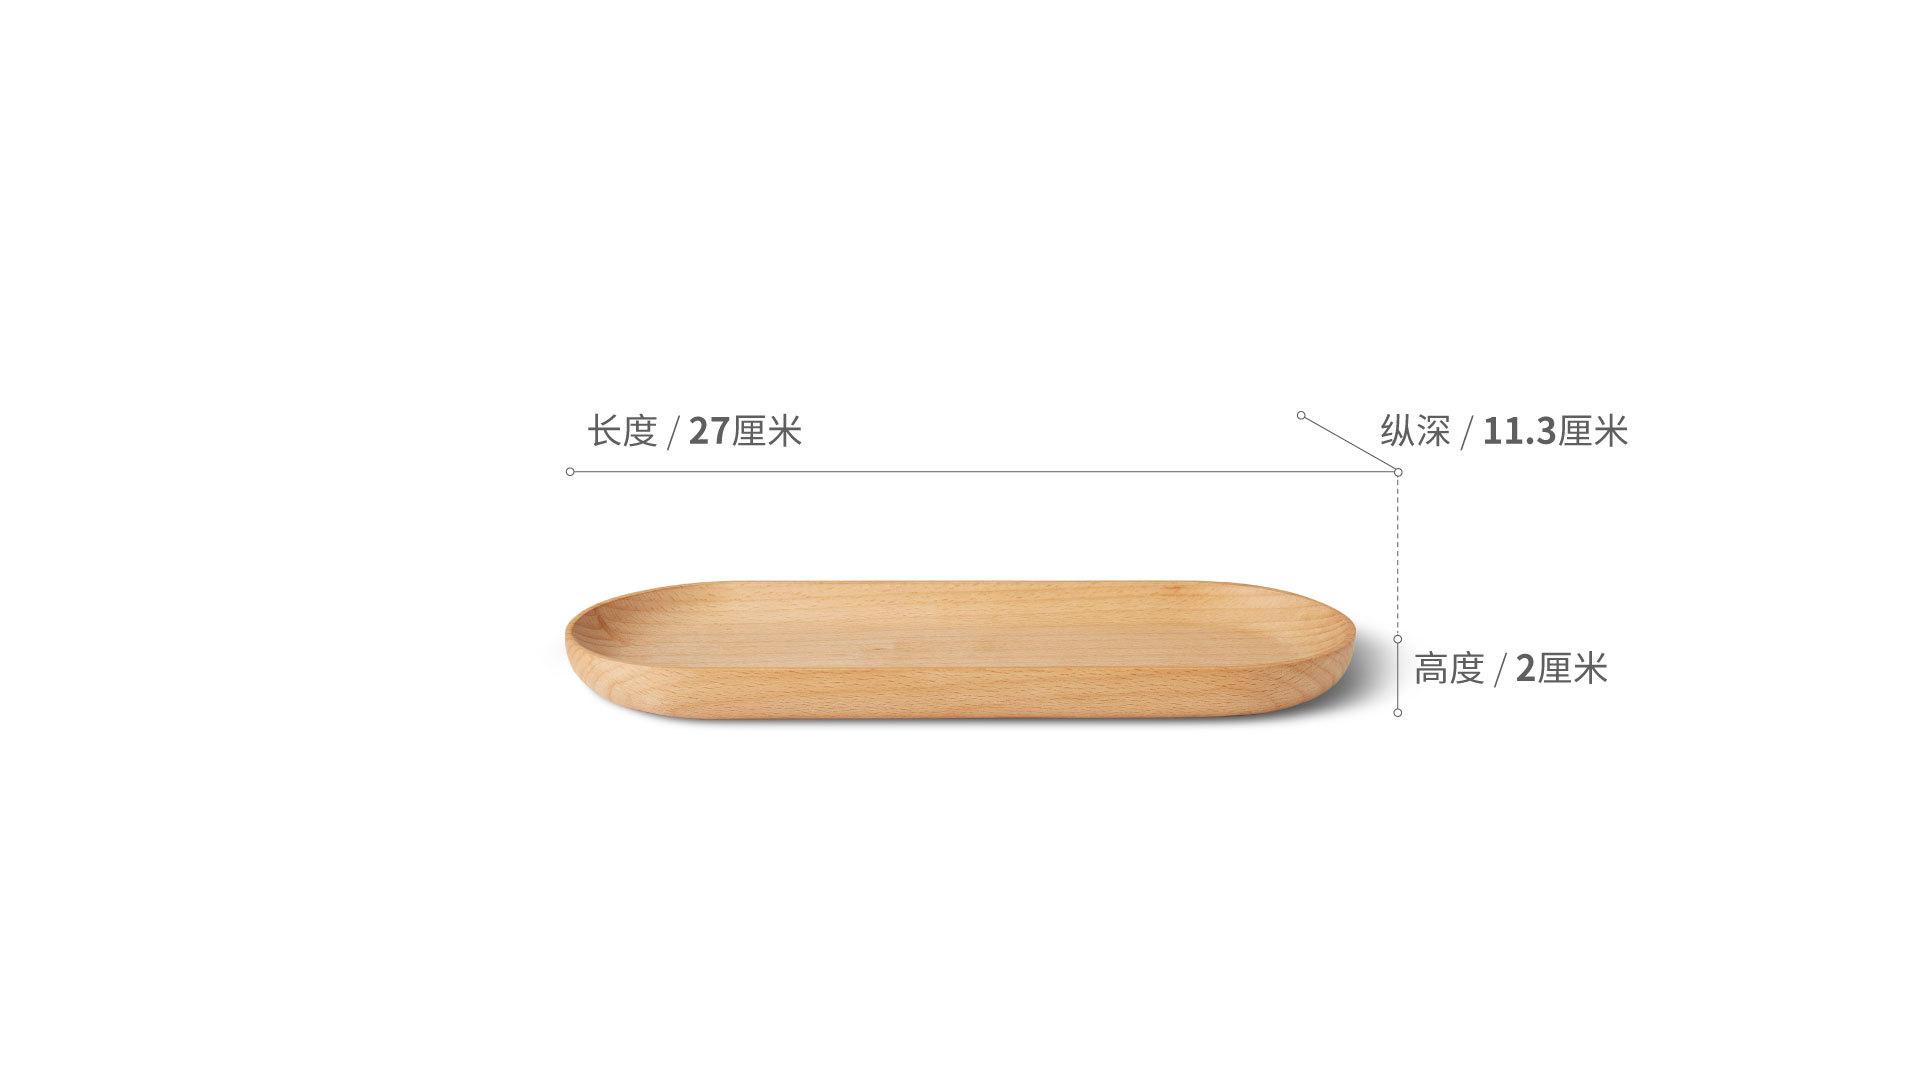 渔舟榉木托盘小托盘餐具效果图